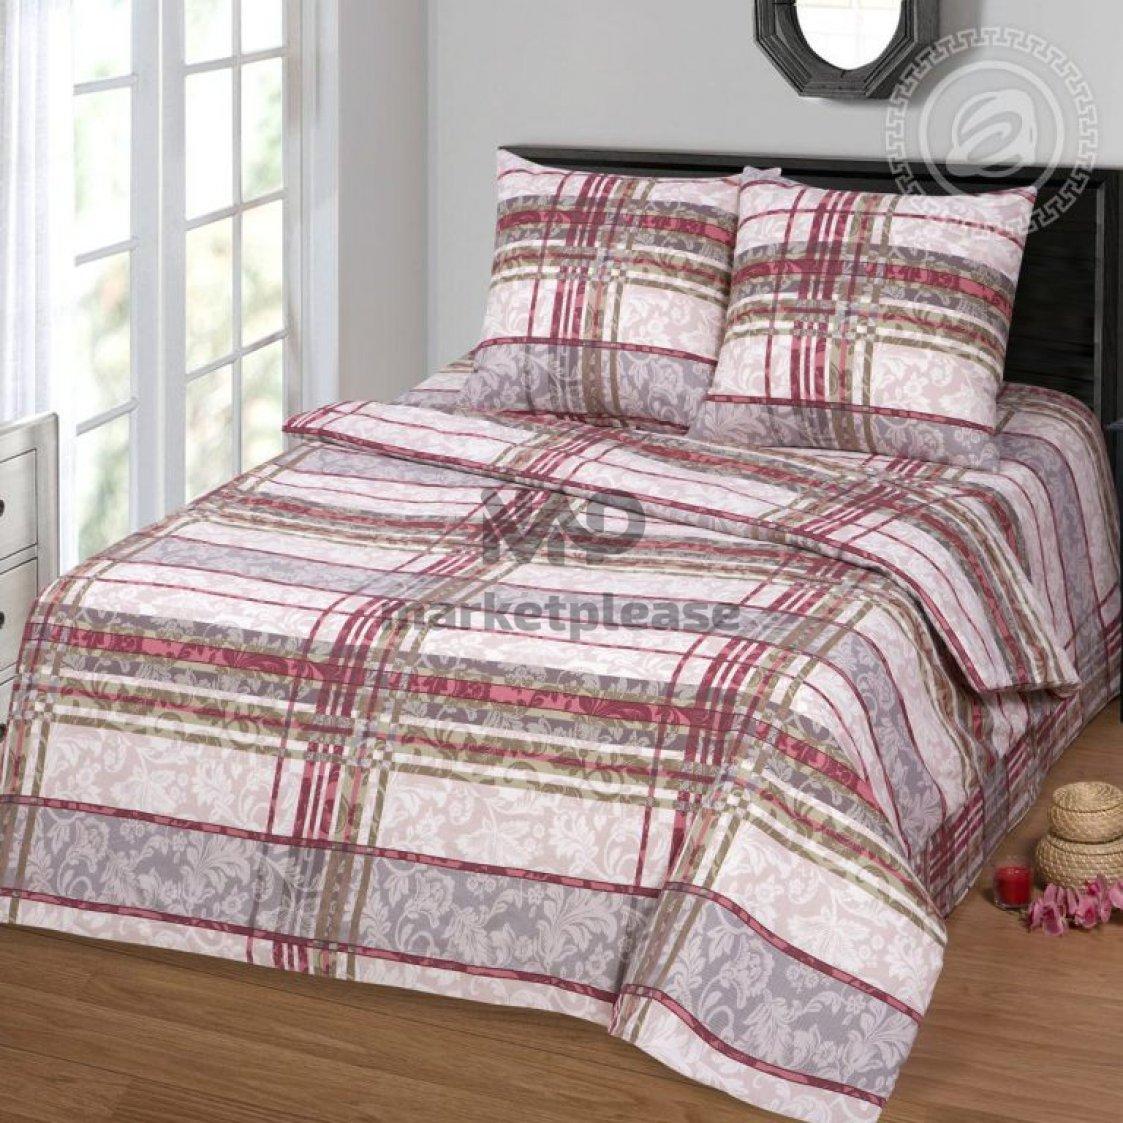 """Рулон ткани бязь """"Антонио"""" 220 см."""